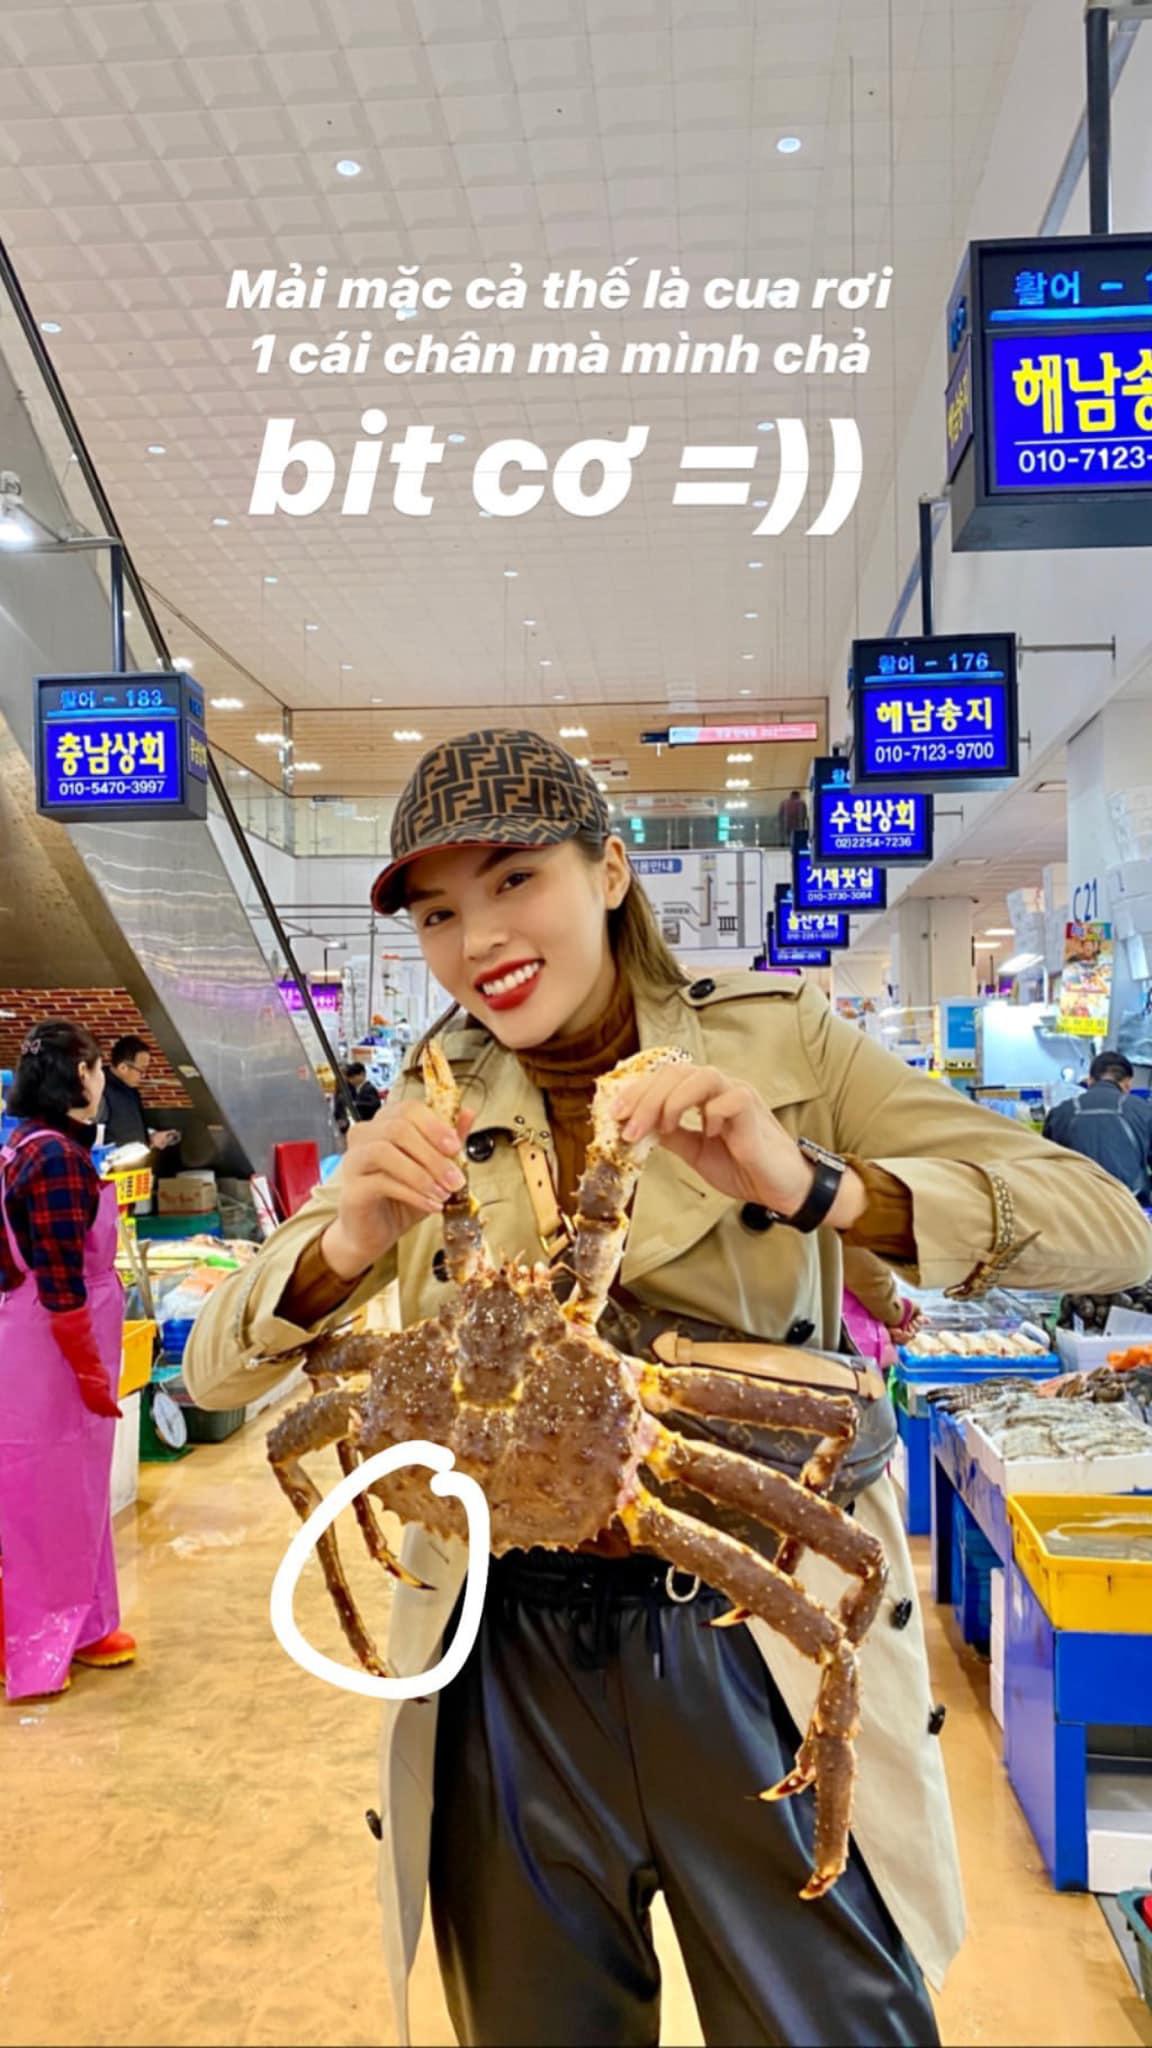 Đến chợ hải sản lớn nhất Seoul ăn cua hoàng đế mà mải mặc cả quá, mãi sau Kỳ Duyên mới phát hiện ra chú cua đã bị rụng mất một chân - Ảnh 5.